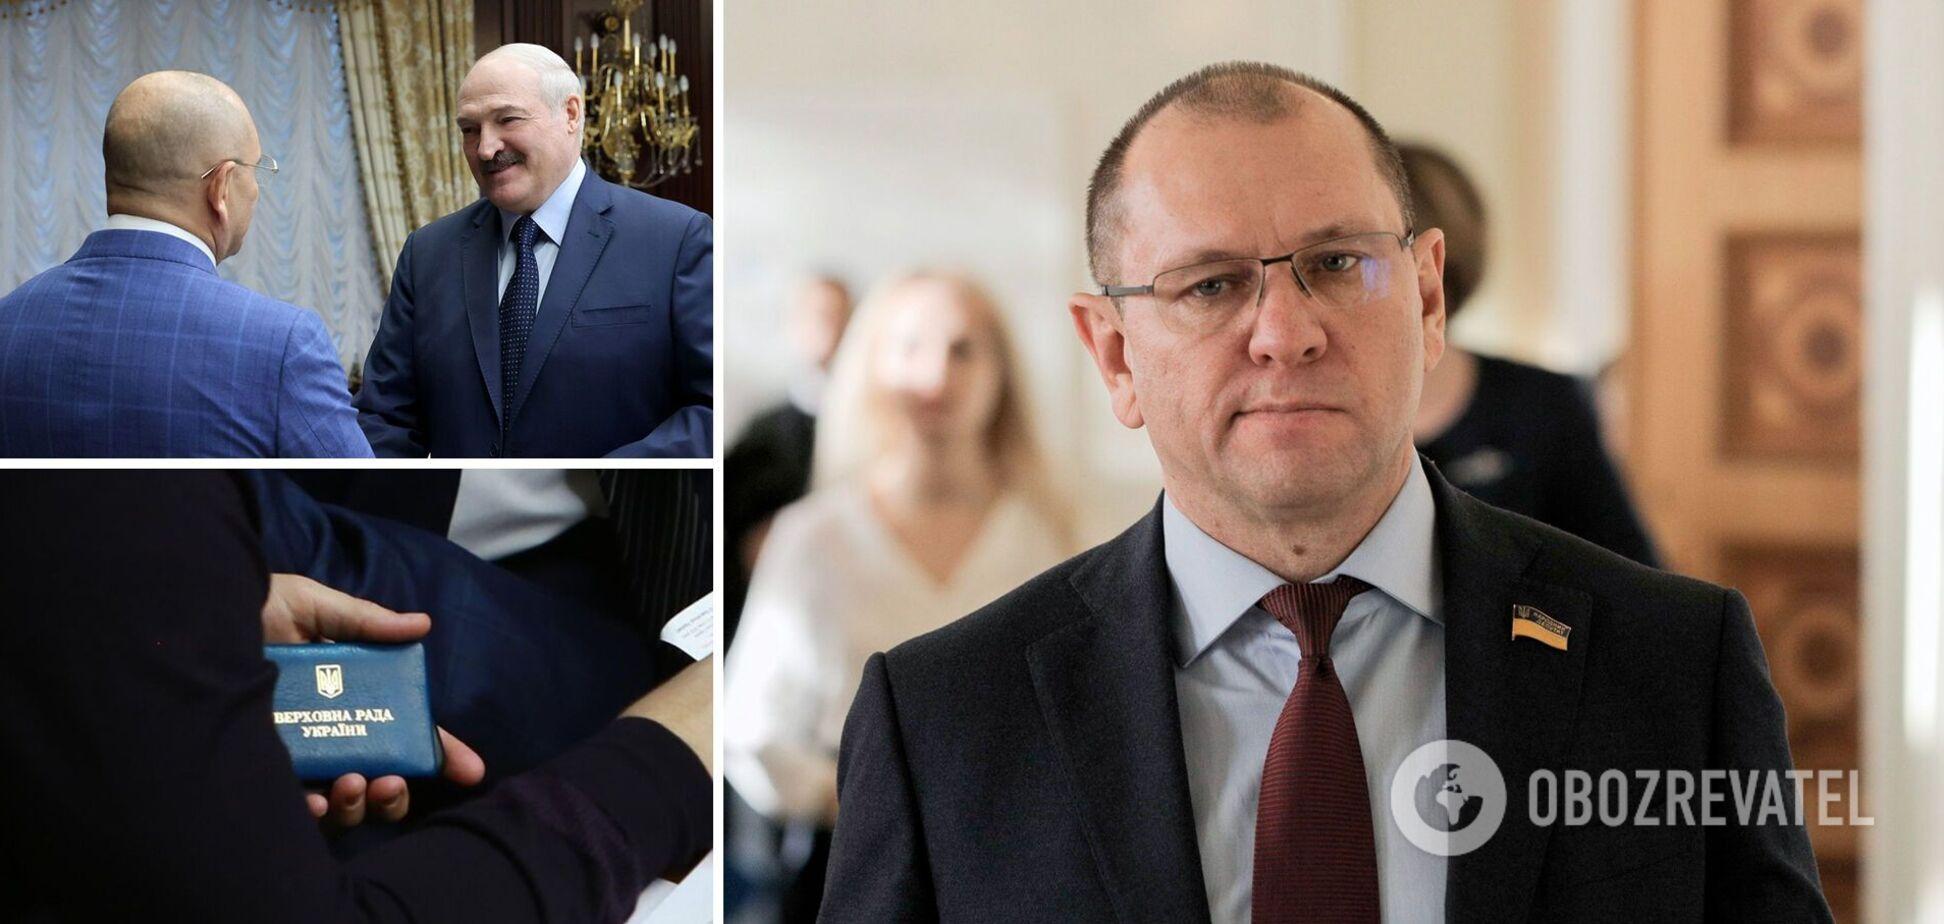 Променял 'Слугу народа' на ОПЗЖ? Почему Шевченко исключили из фракции и не сделали этого раньше